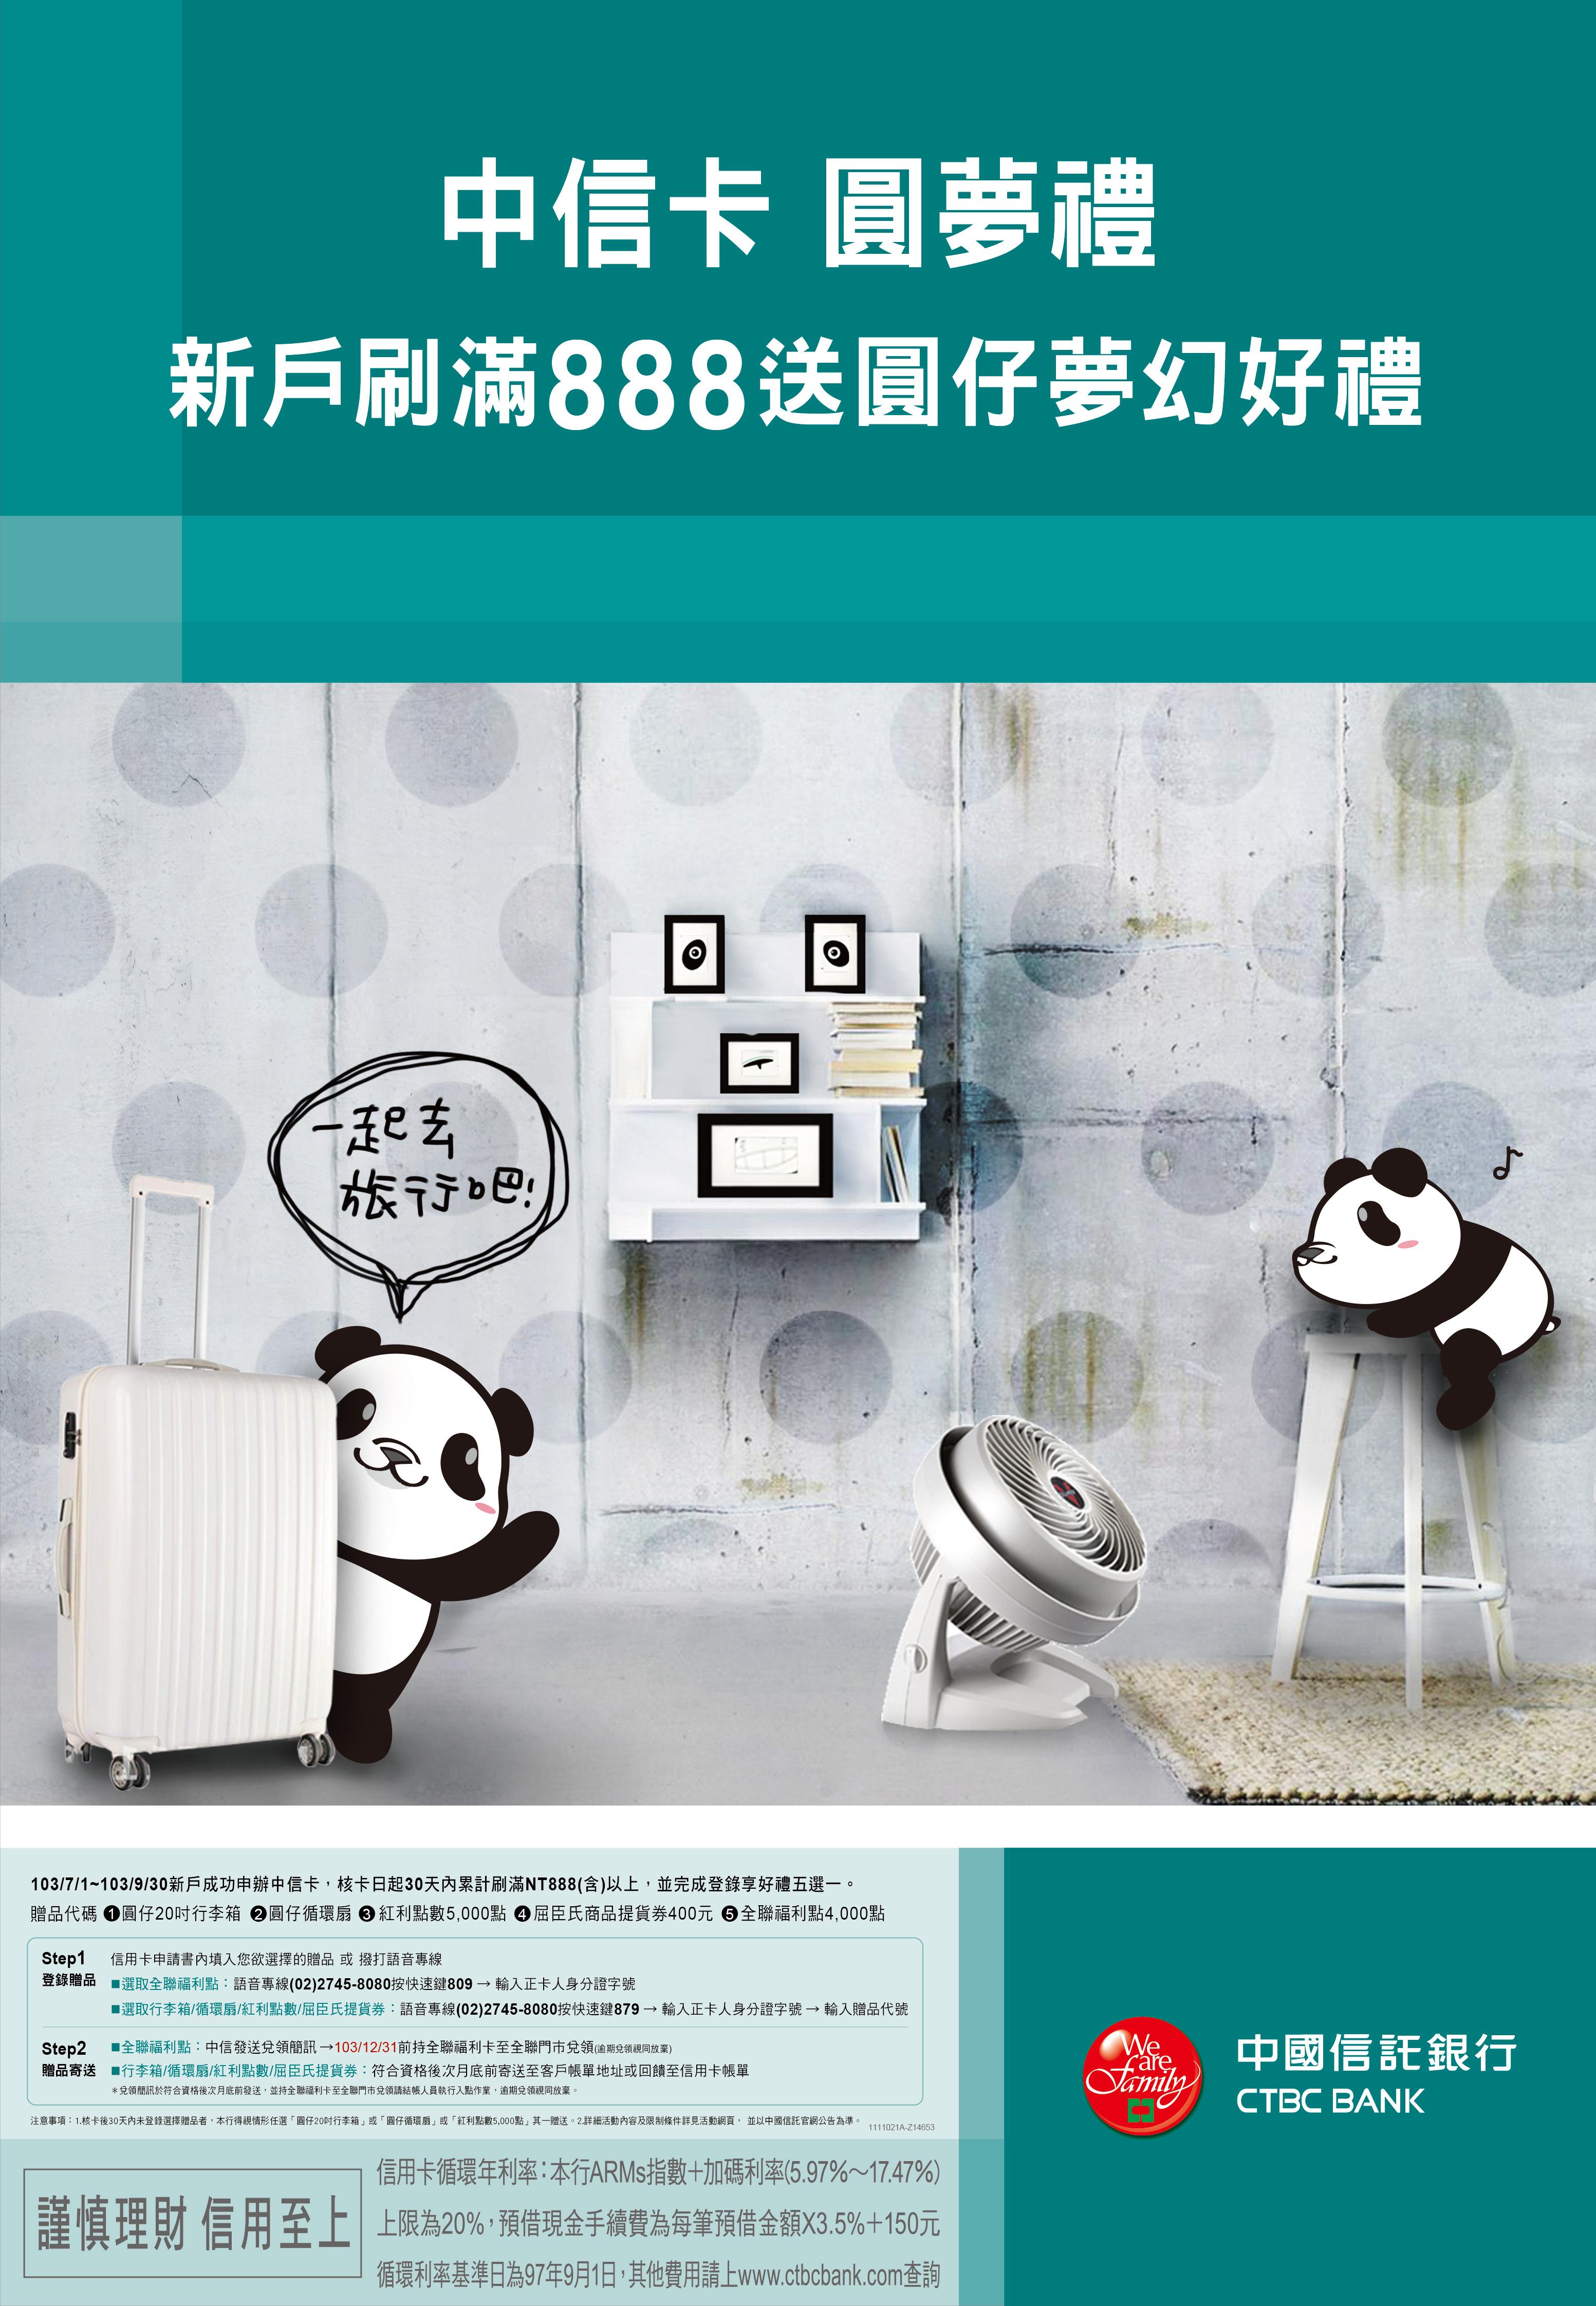 中國信託海報